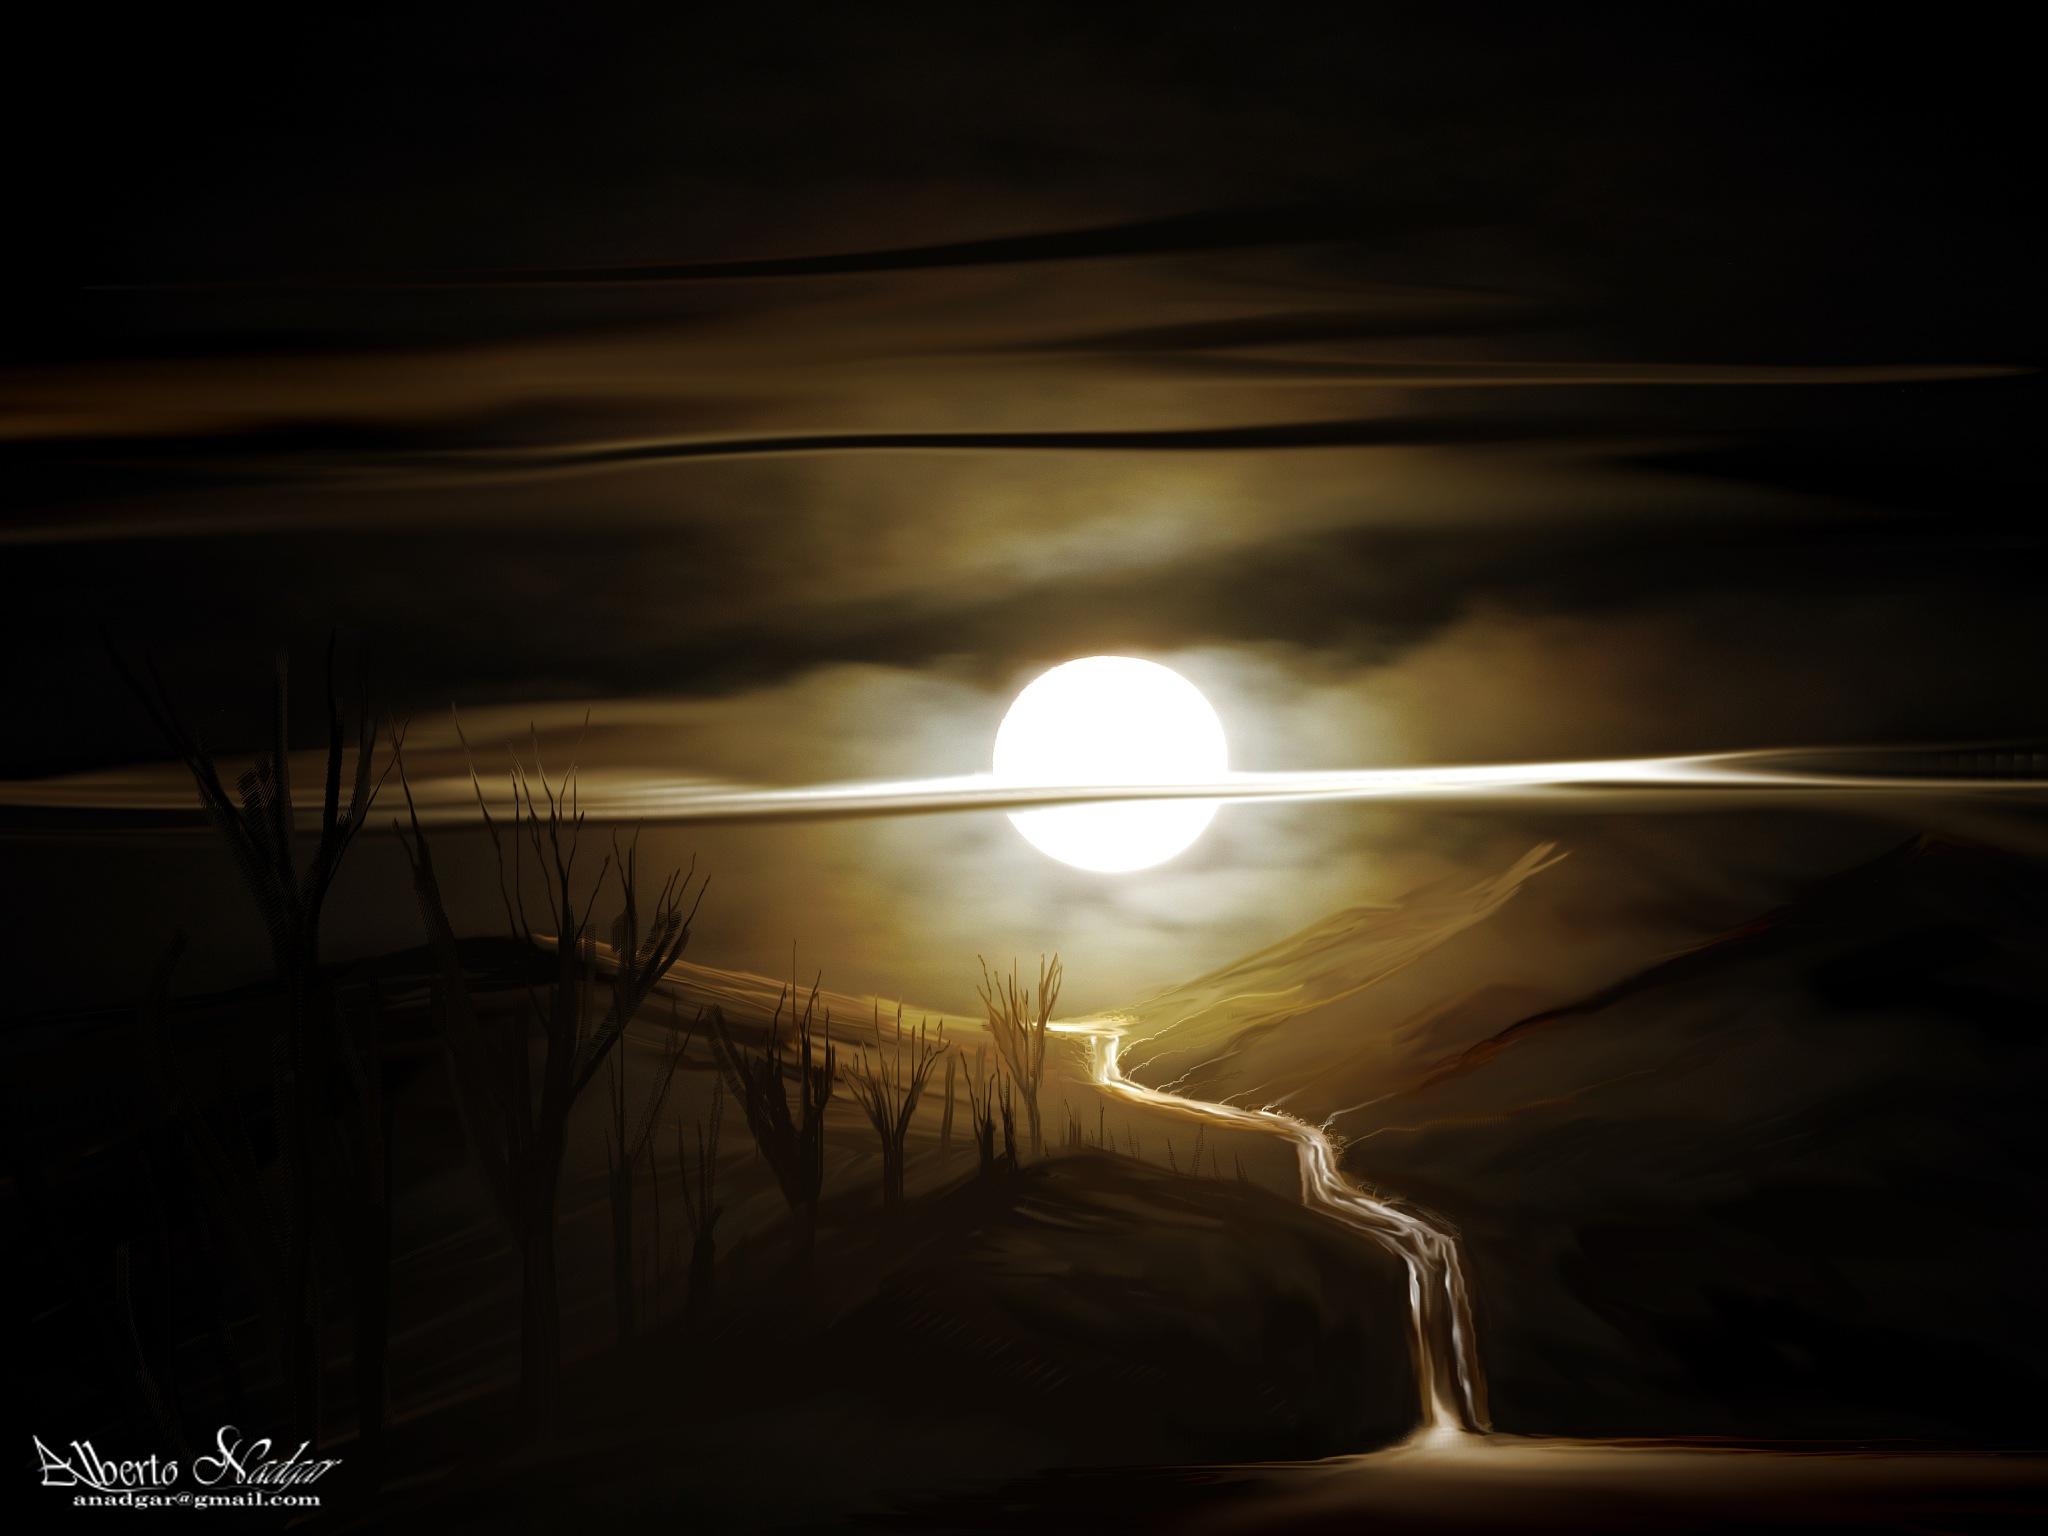 luna en la cumbre by Anadgar03